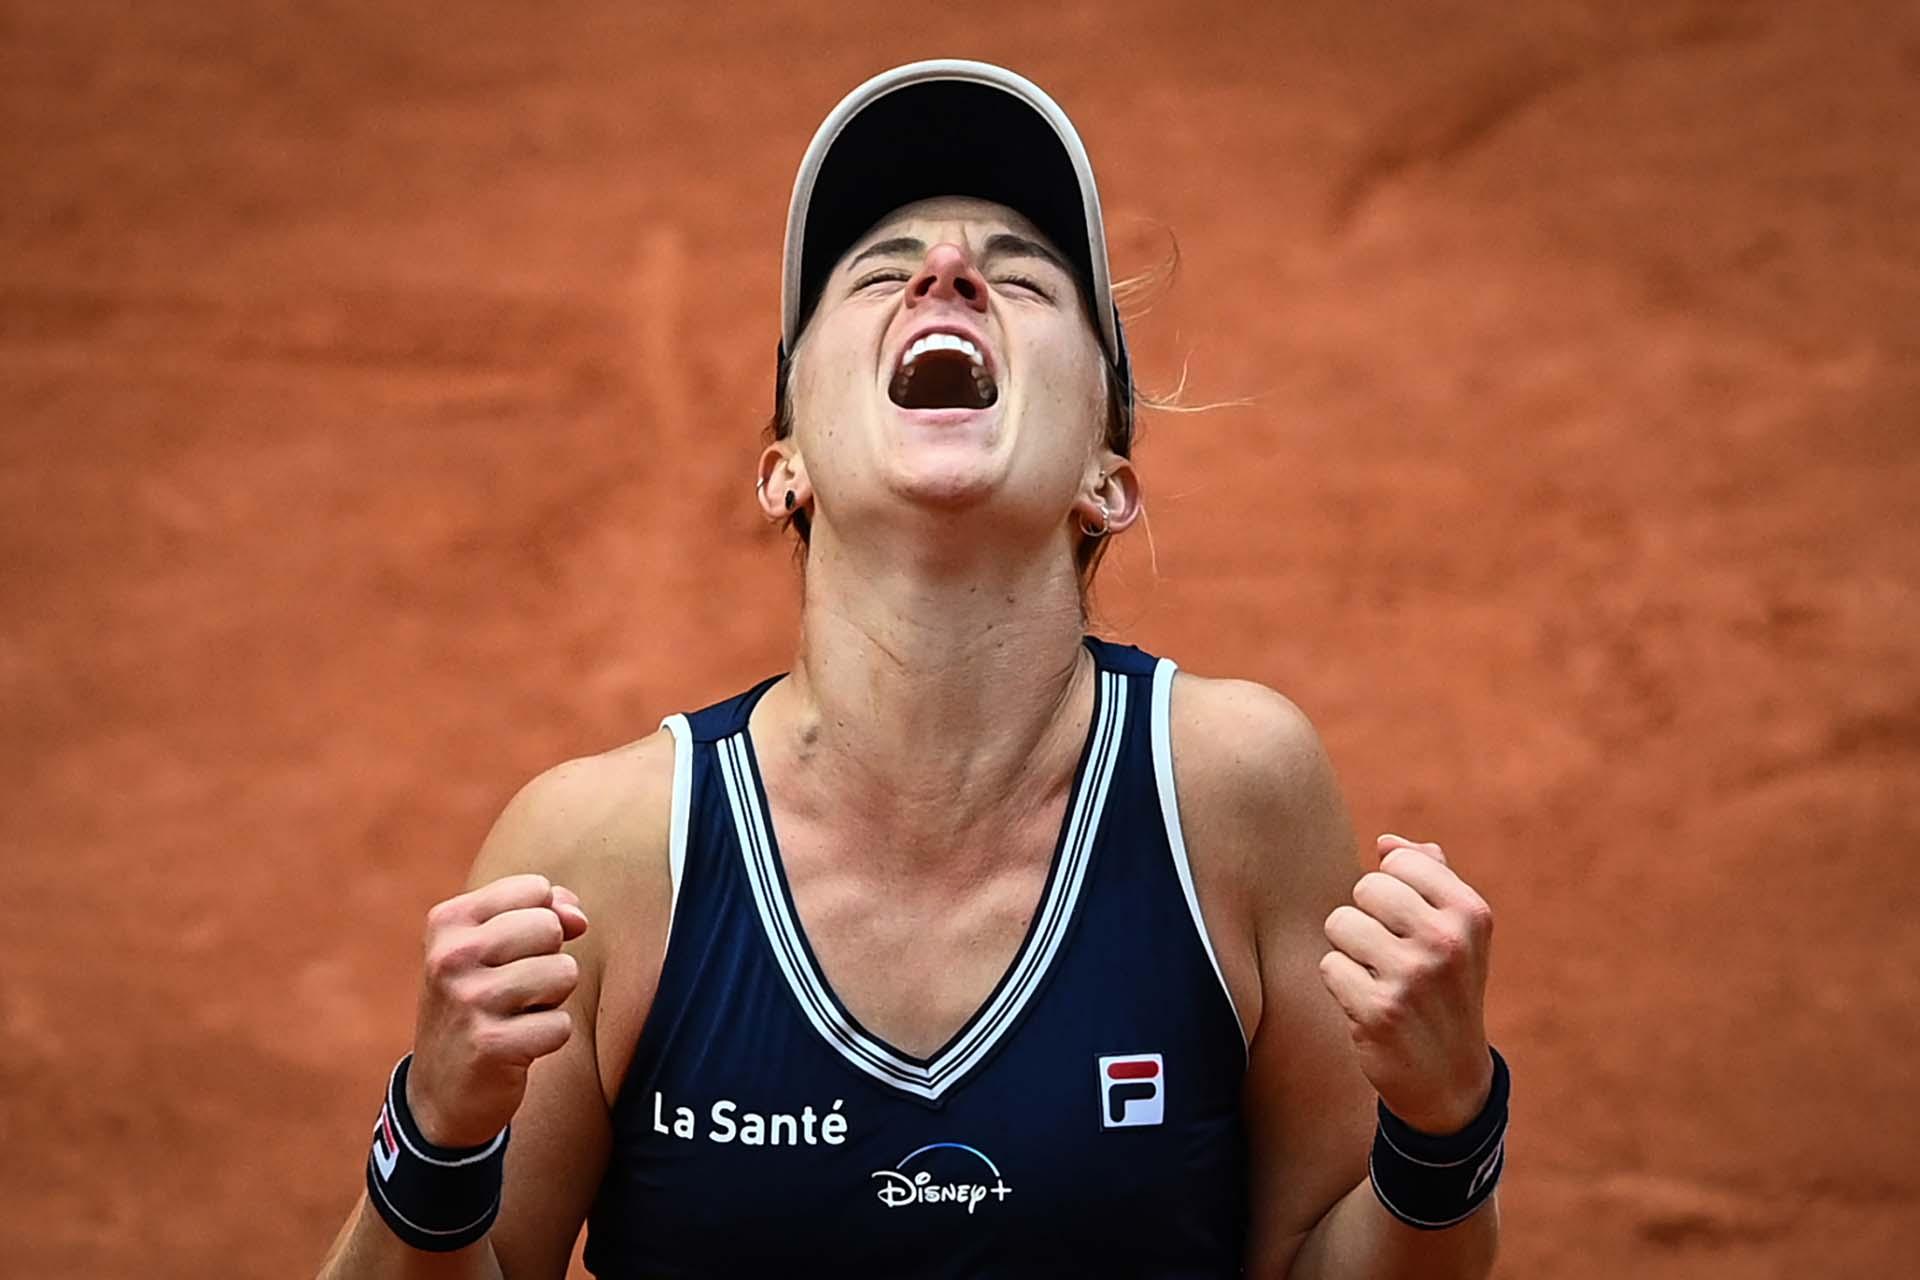 Nadia Podoroska, tal vez la deportista argentina más importante del año. La tenista rosarina de 23 años llegó a instancias de semifinales de Roland Garros contra todos los pronósticos. Inició la temporada en el puesto 258 del ranking y la finalizó en la ubicación 47. Fue elegida